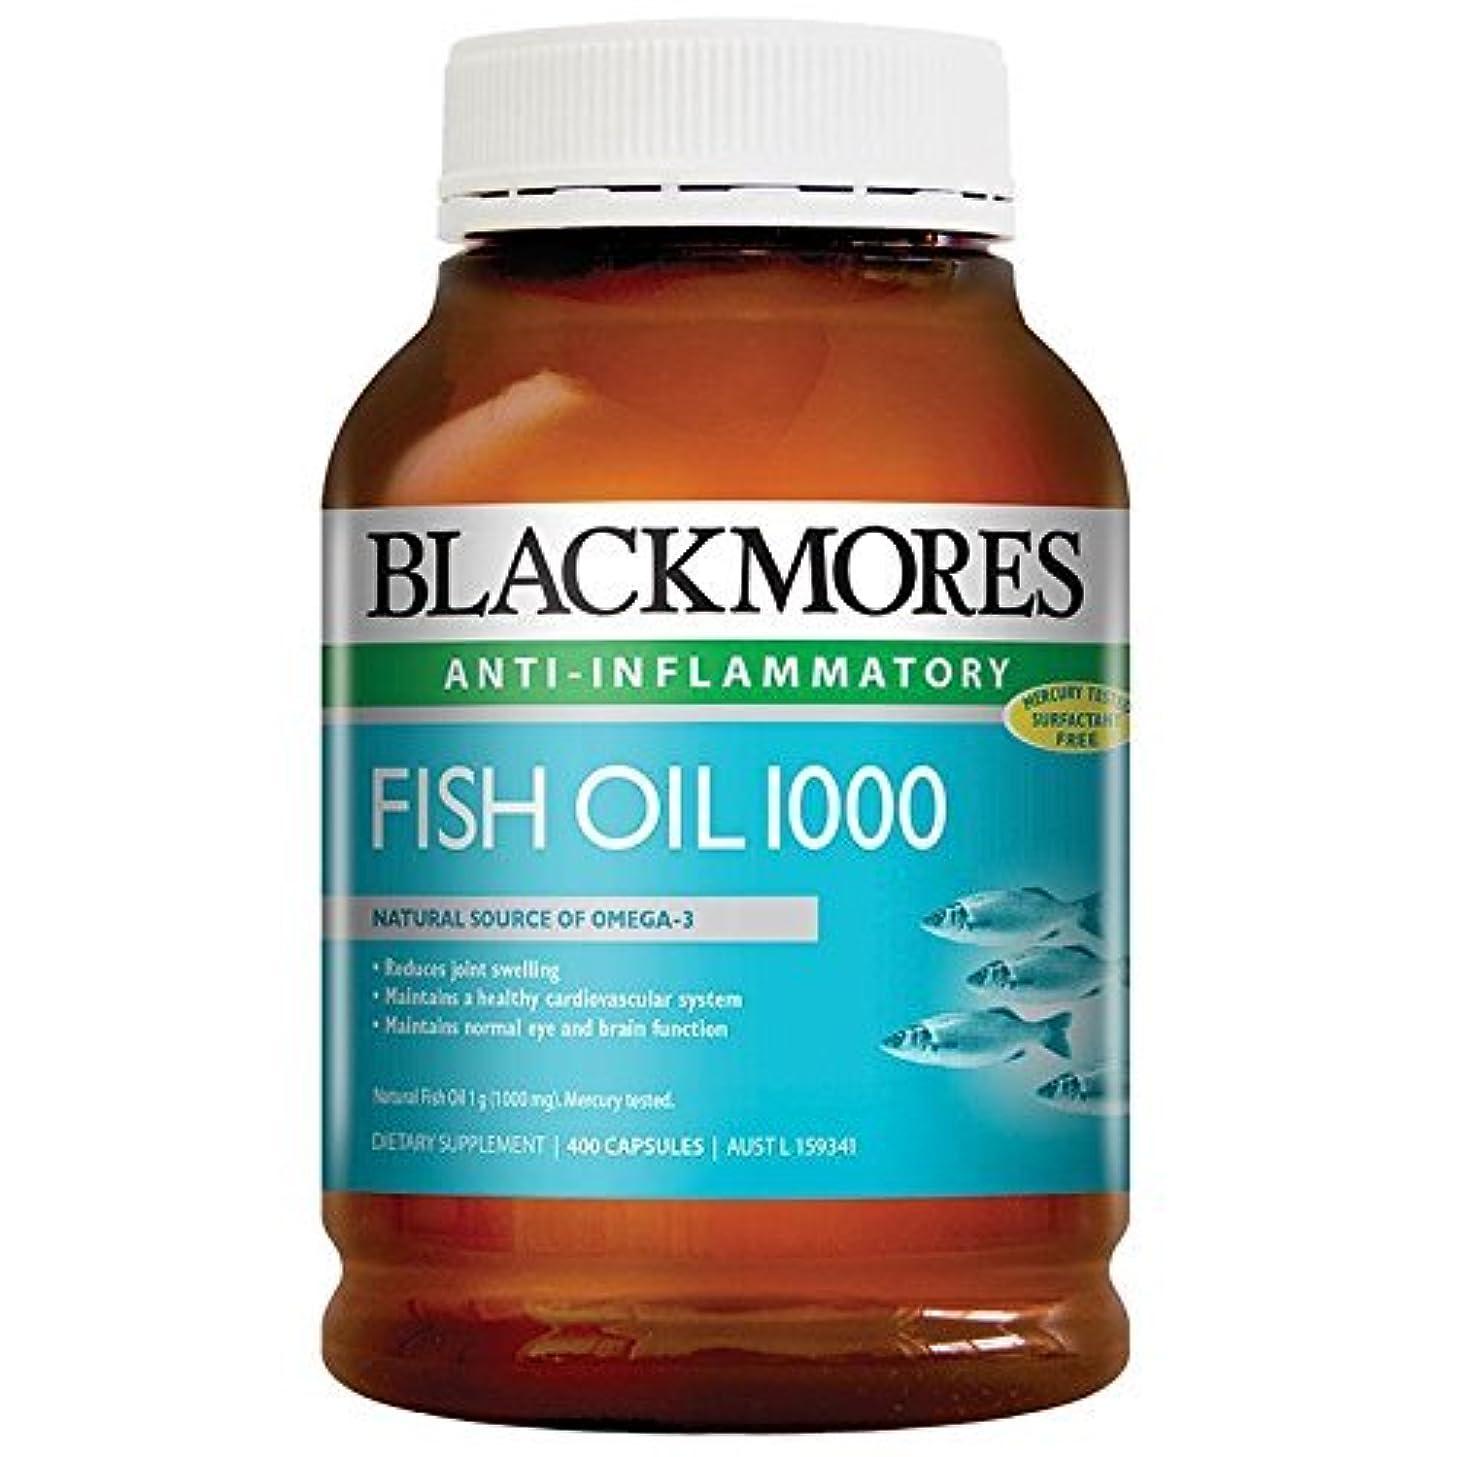 ささやき業界九時四十五分Blackmores Fish Oil 400 Caps 1000 Omega3 Dha, EPA Fatty Acids with 1pcs Chinese Knot Gift by Blackmores LTD